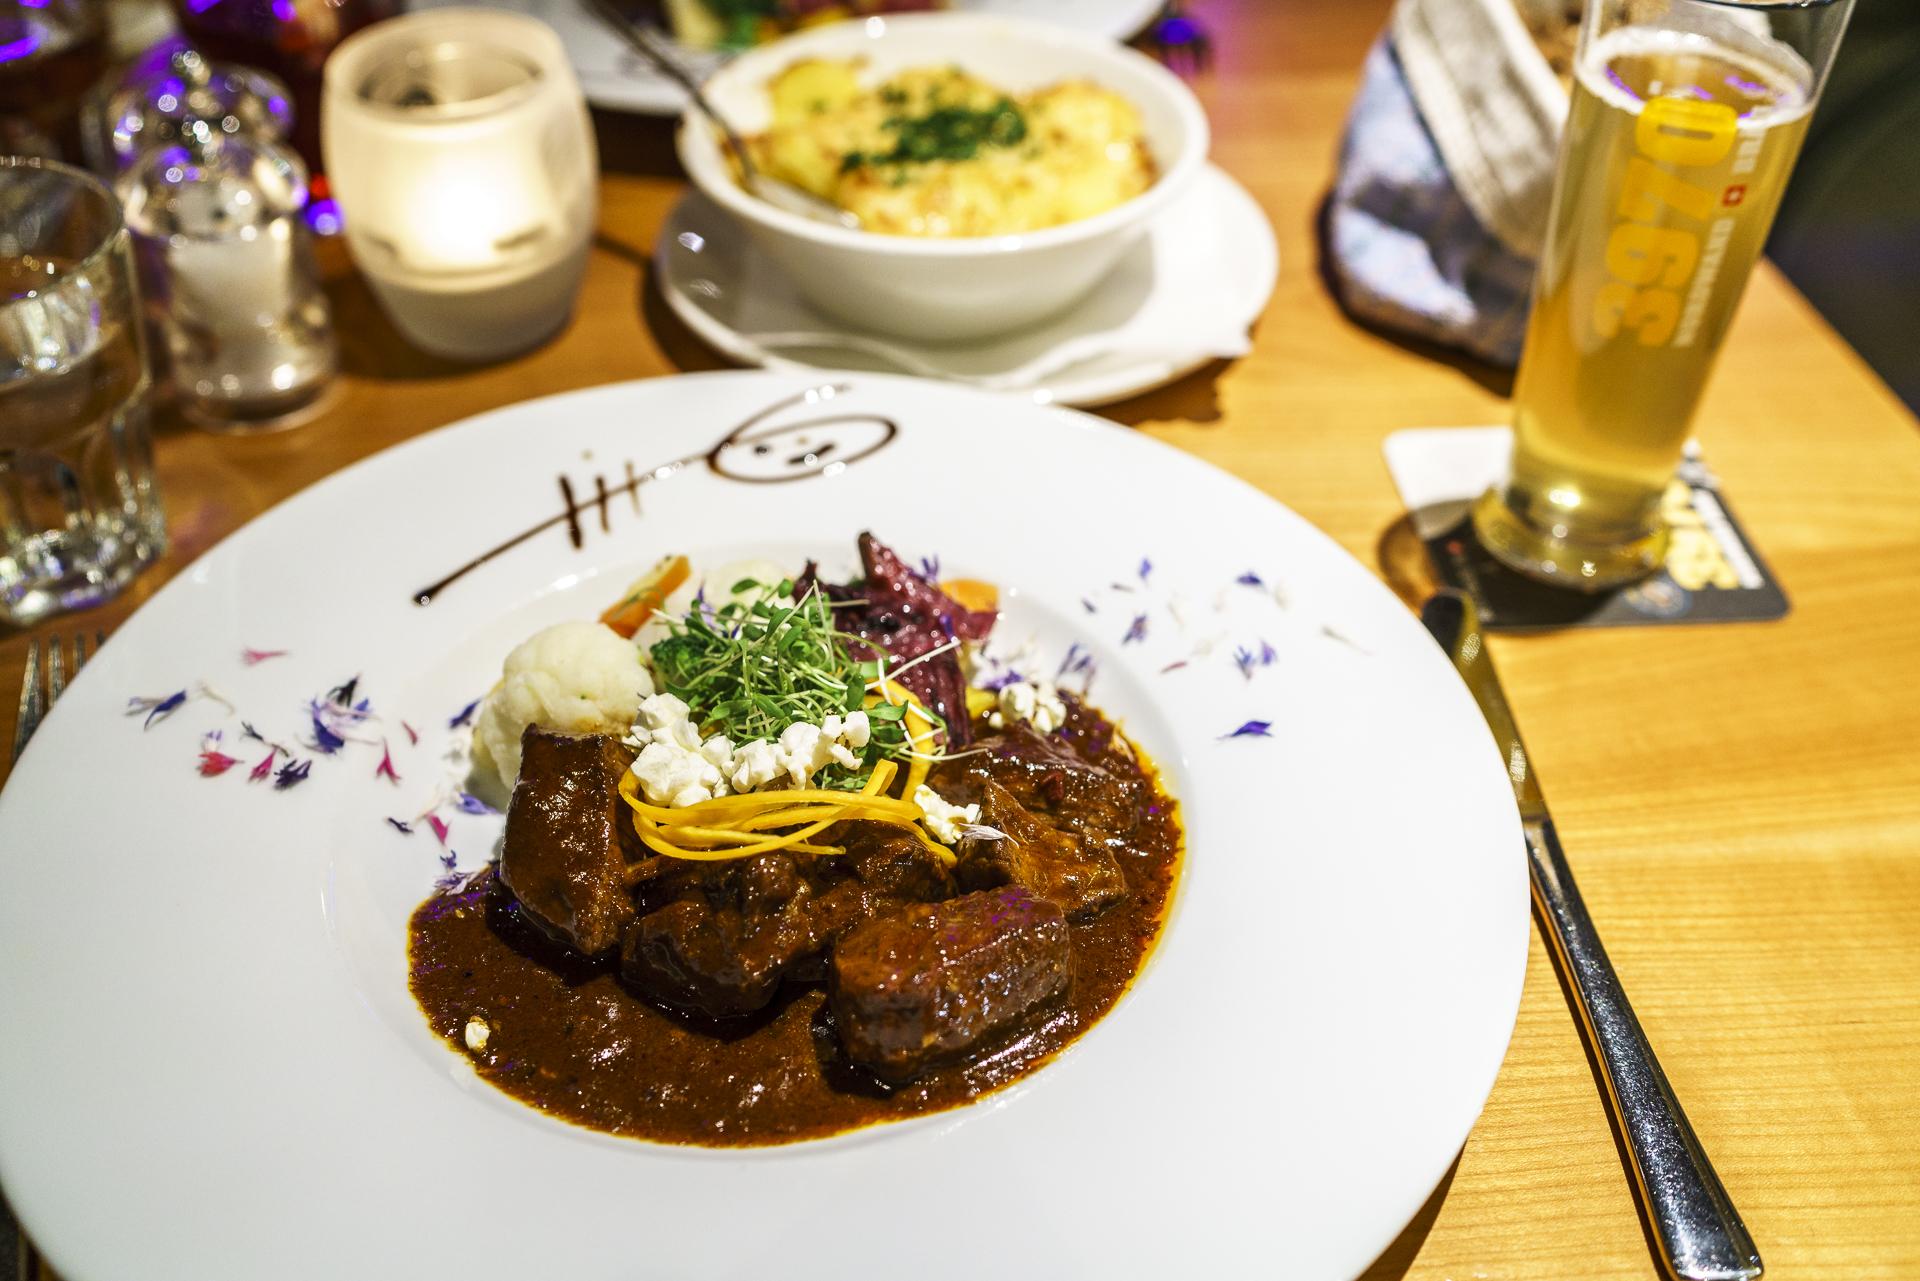 Grindelwald Cafe 3692 Abendessen